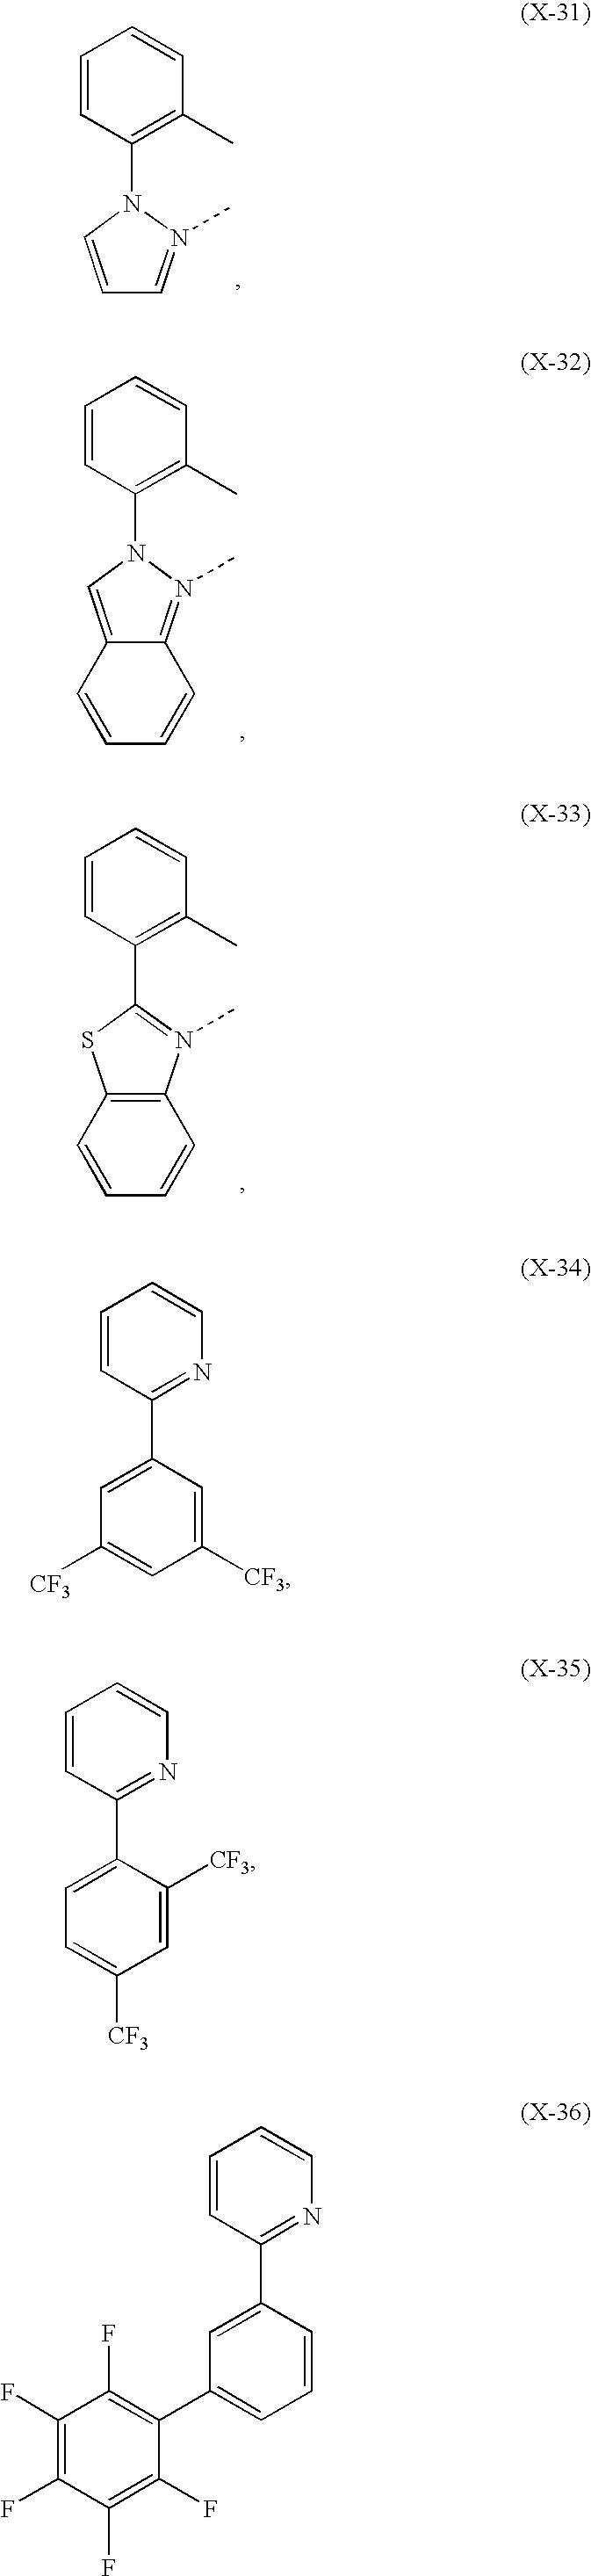 Figure US09362510-20160607-C00044